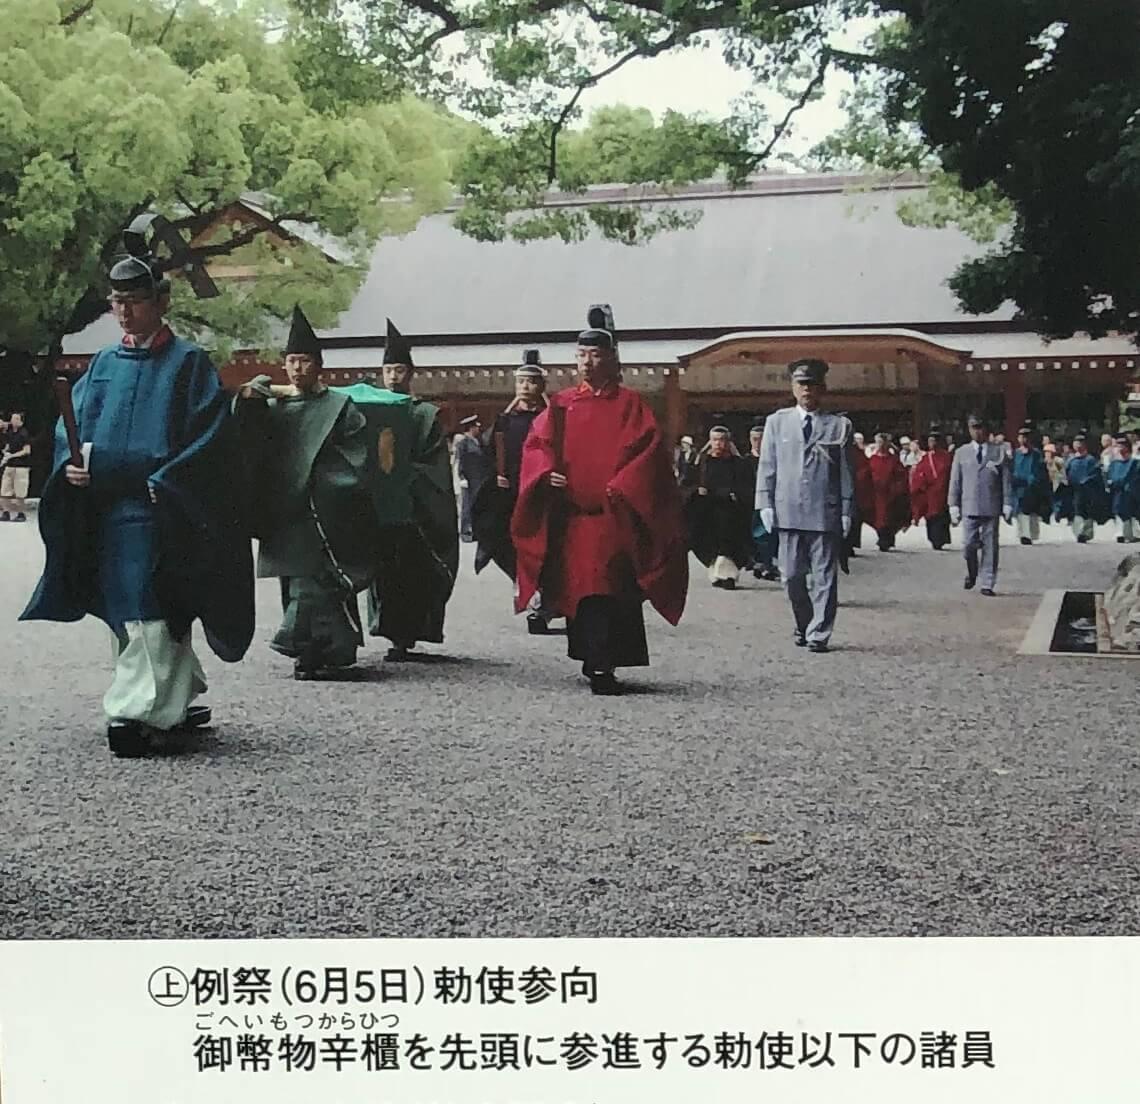 熱田神宮の勅使参向